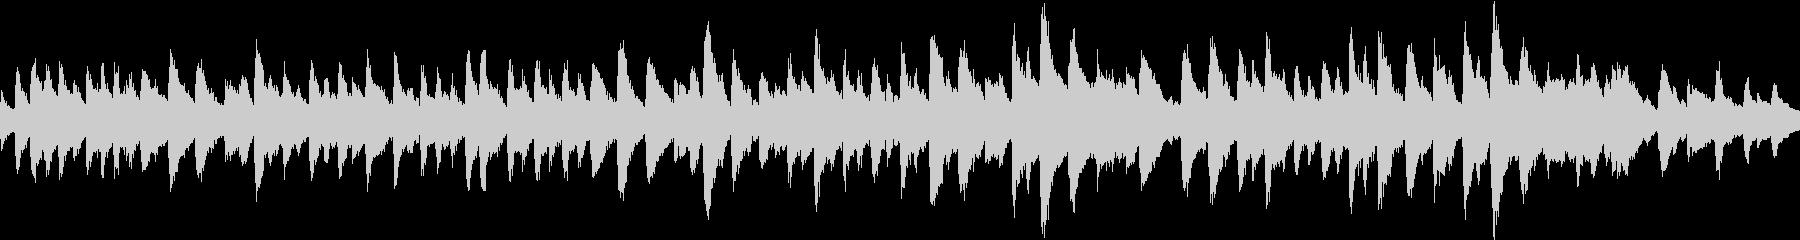 ピアノ独奏のバラードの未再生の波形